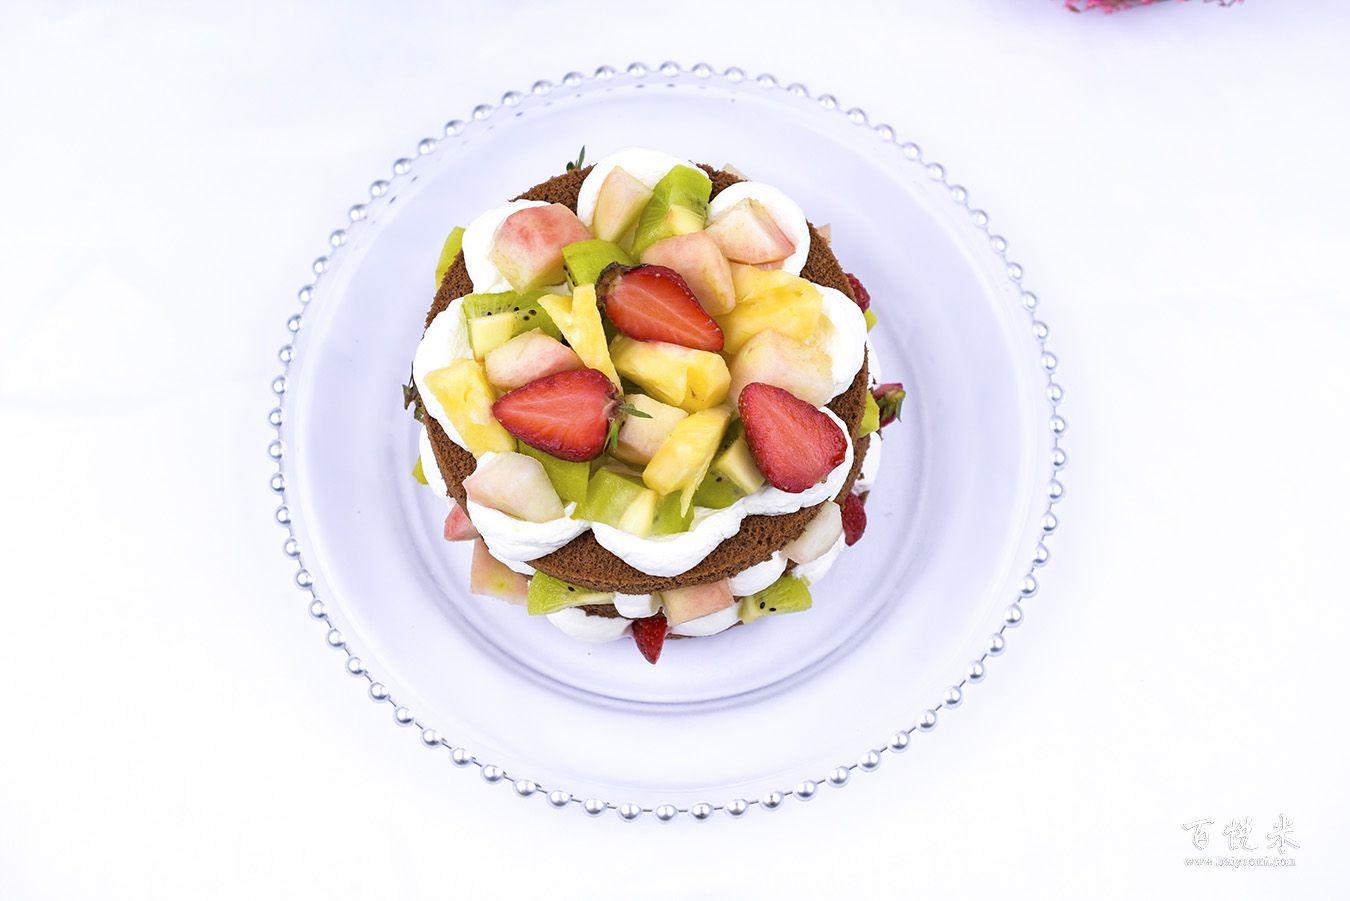 巧克力裸蛋糕高清图片大全【蛋糕图片】_1117